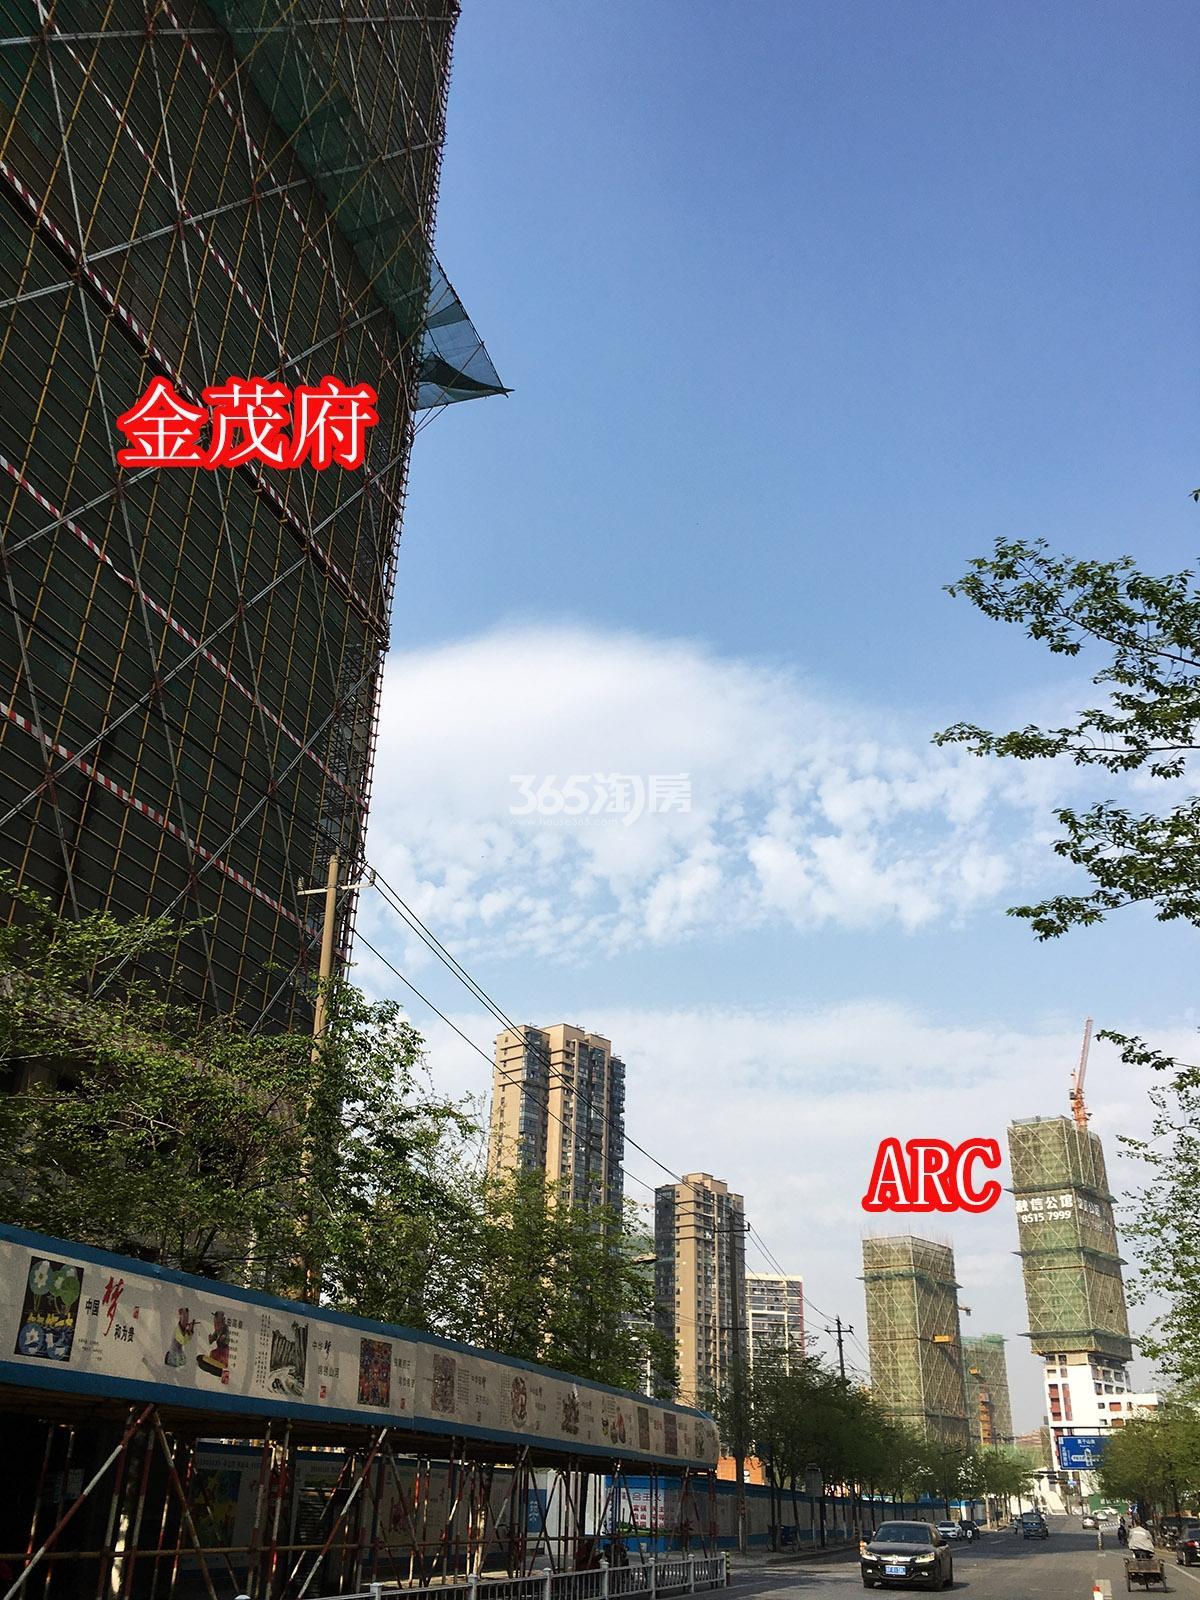 2018年3月31日首开杭州金茂府及周边楼盘(融信公馆ARC)合照